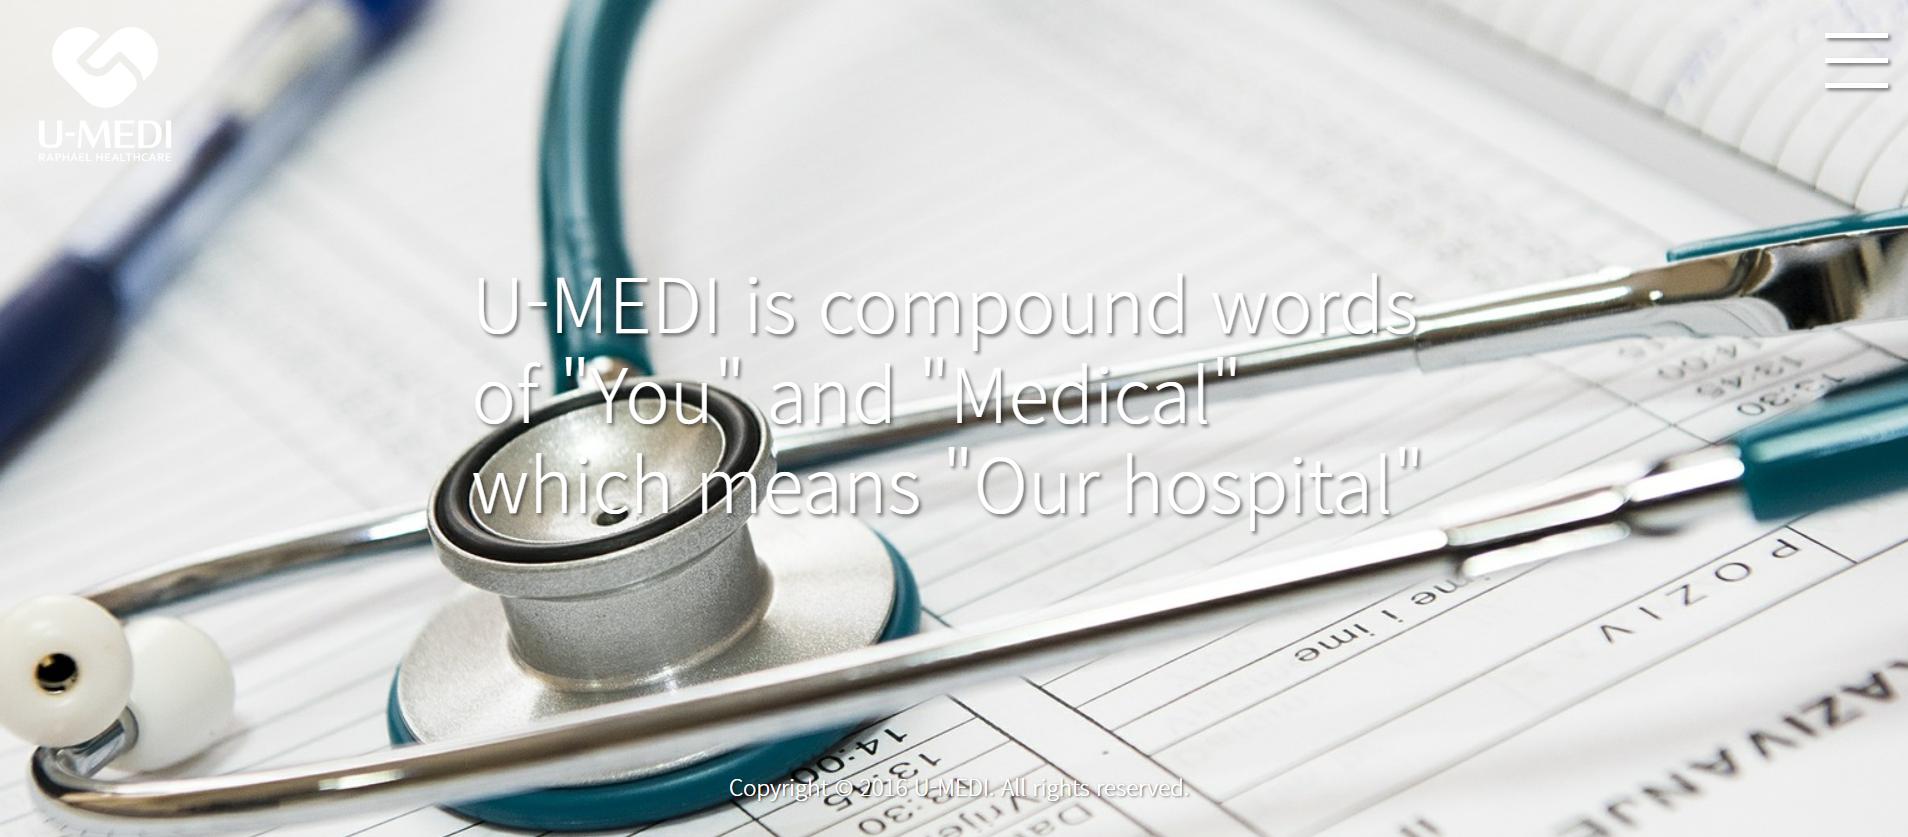 의료산업 디지털 마케팅의 트렌드 - 유메디